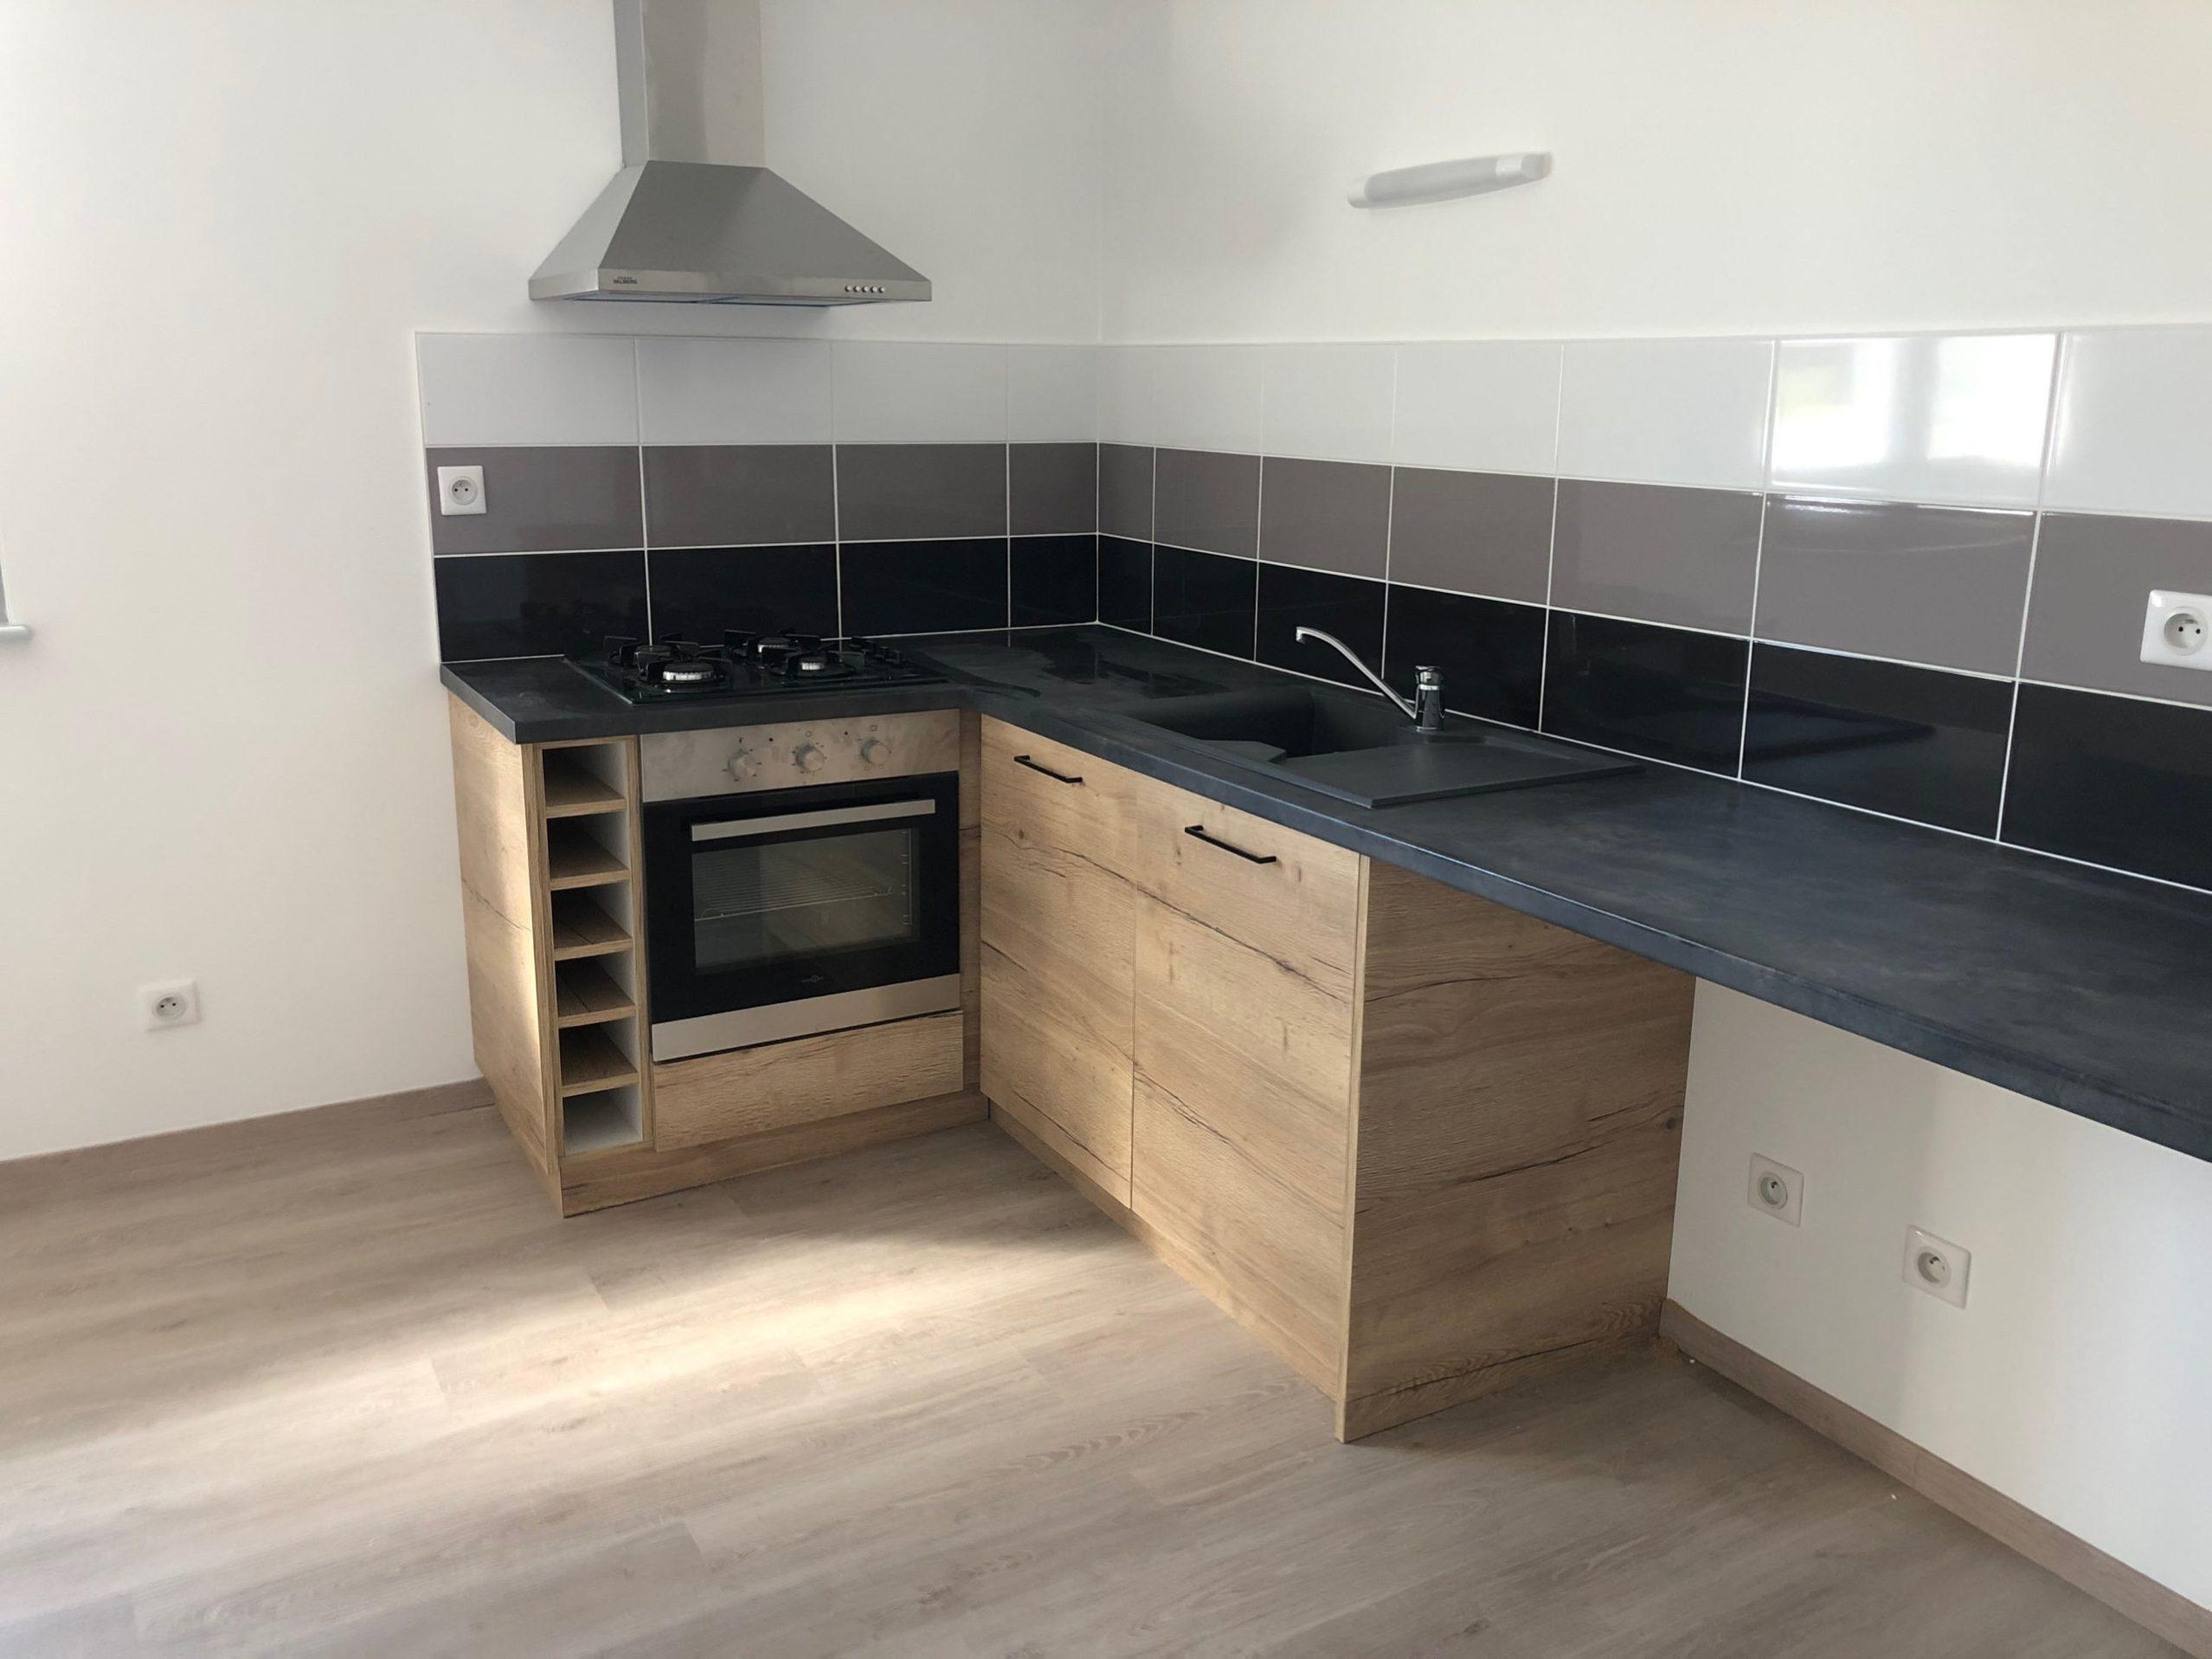 cuisine sur mesure Lure Roye Belfort contemporaine moderne bois noir